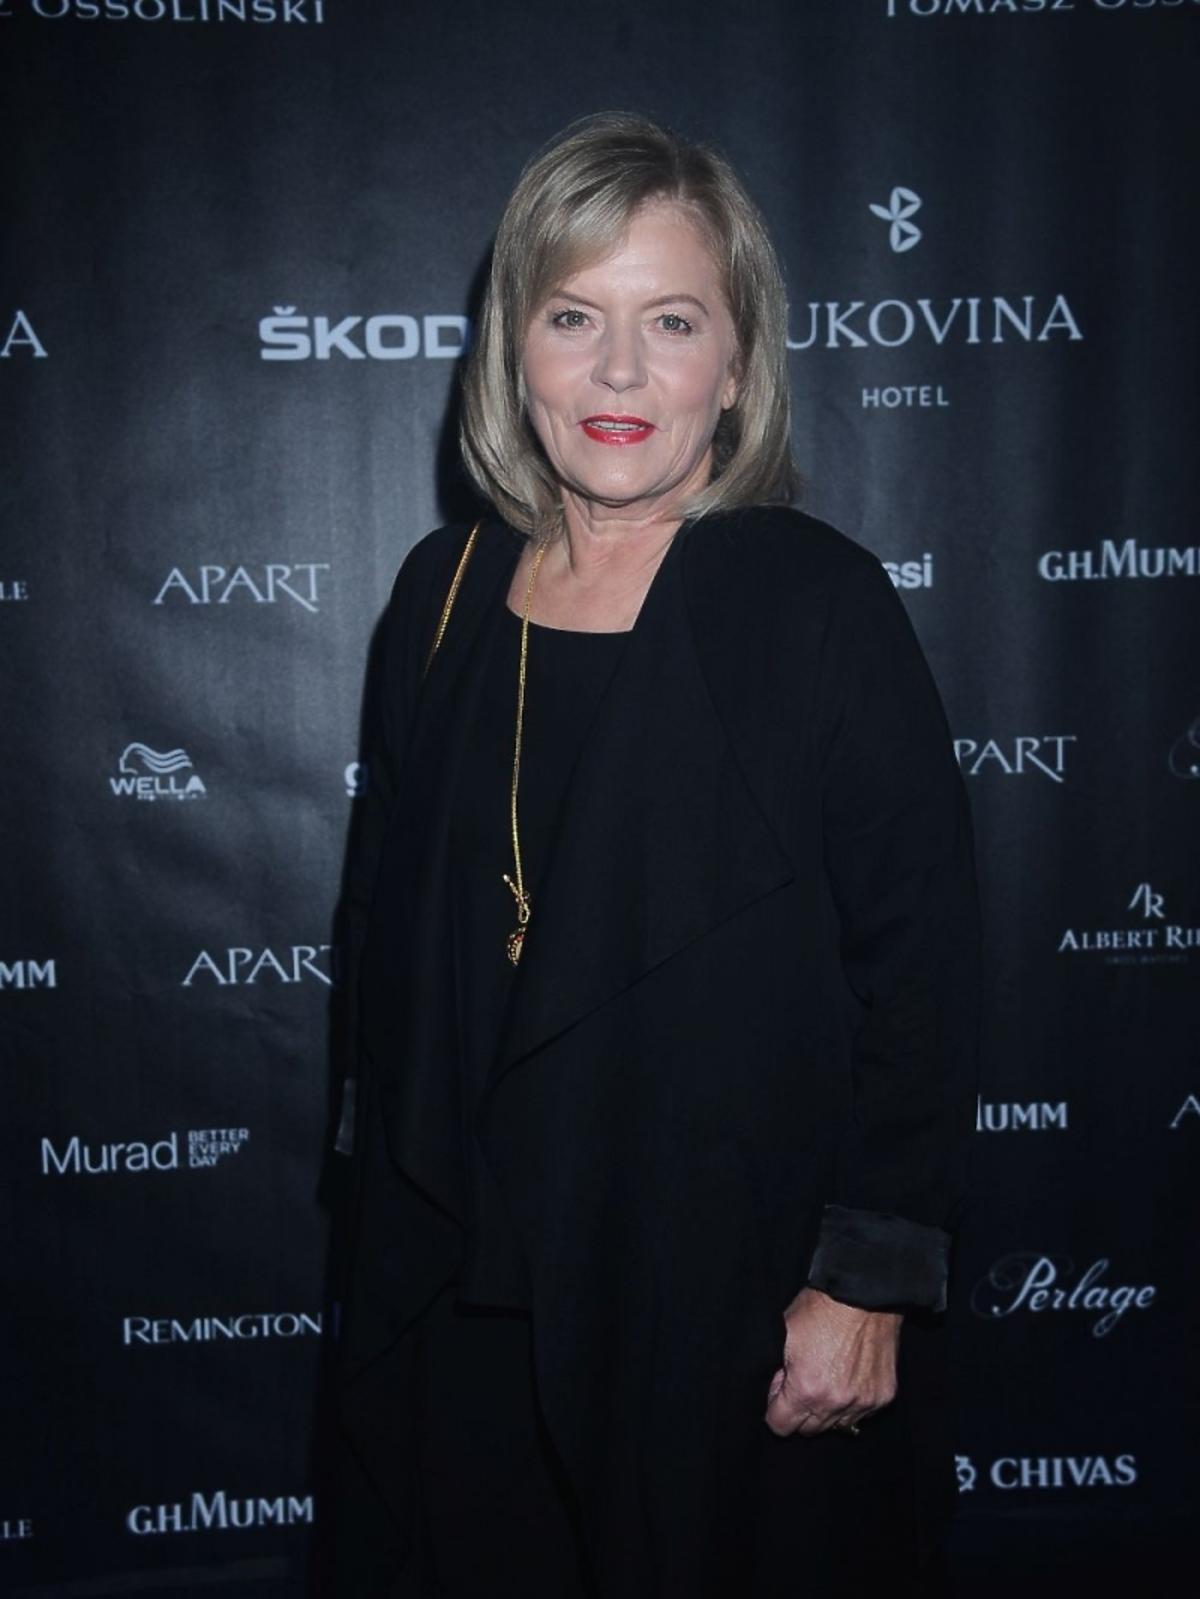 Teresa Rosati w czarnym płaszczu i złotym naszyjniku na pokazie Tomasza Ossolińskiego